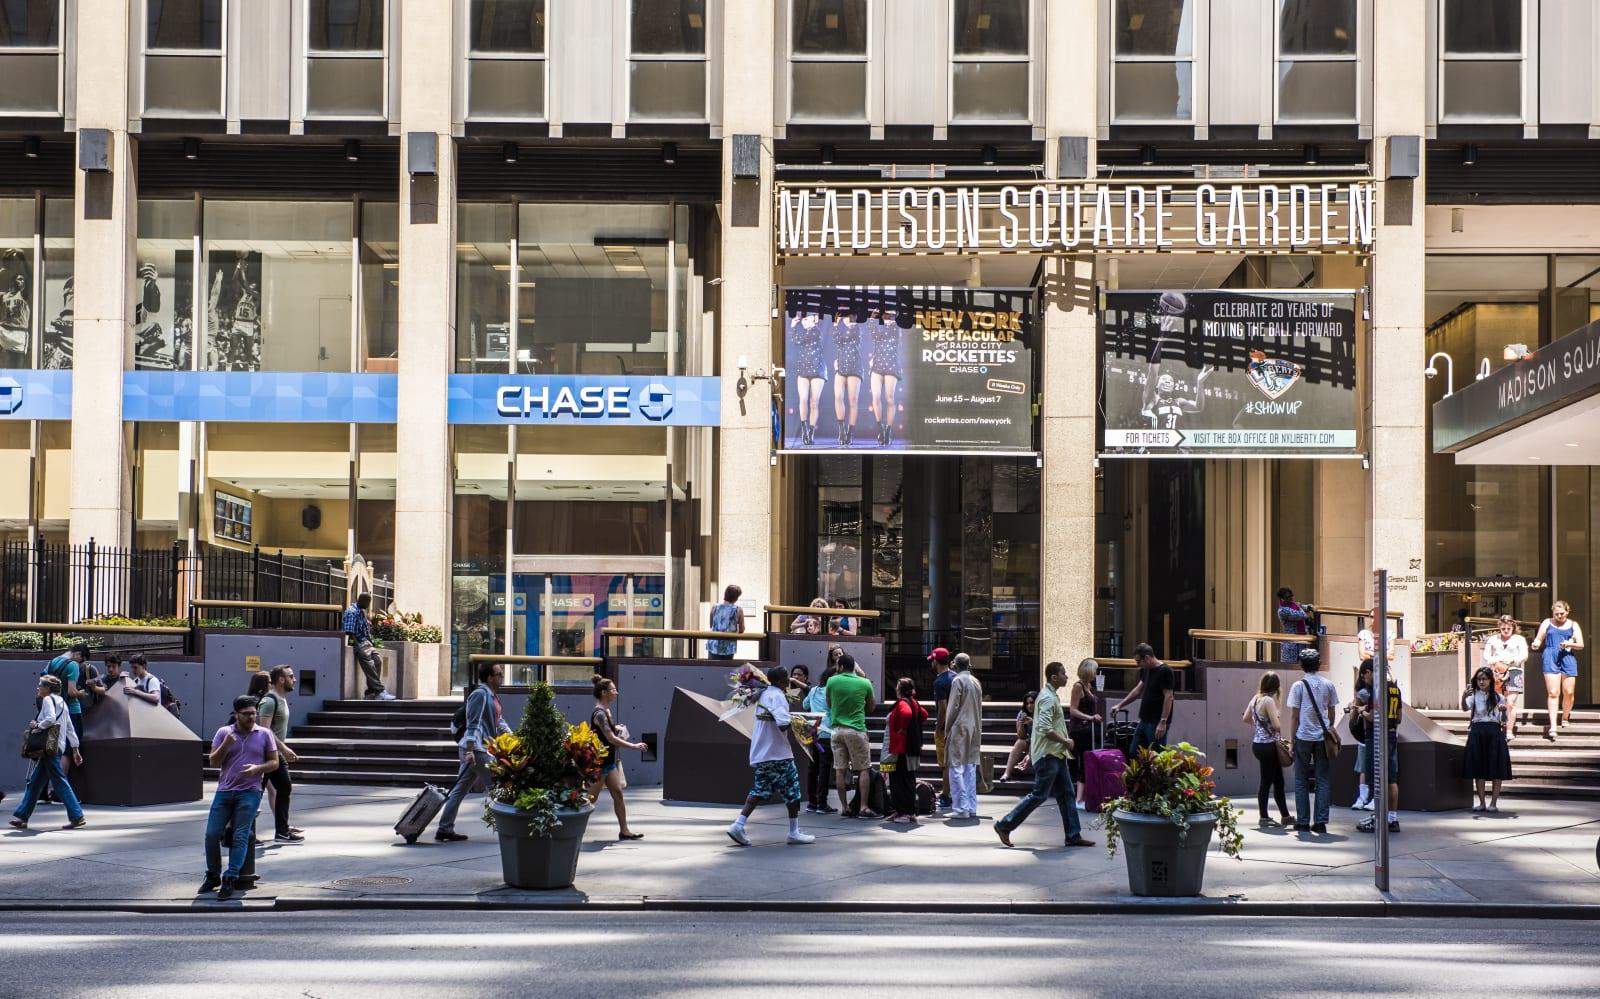 Madison Square Garden: Madison Square Garden Has Been Secretly Scanning Visitors